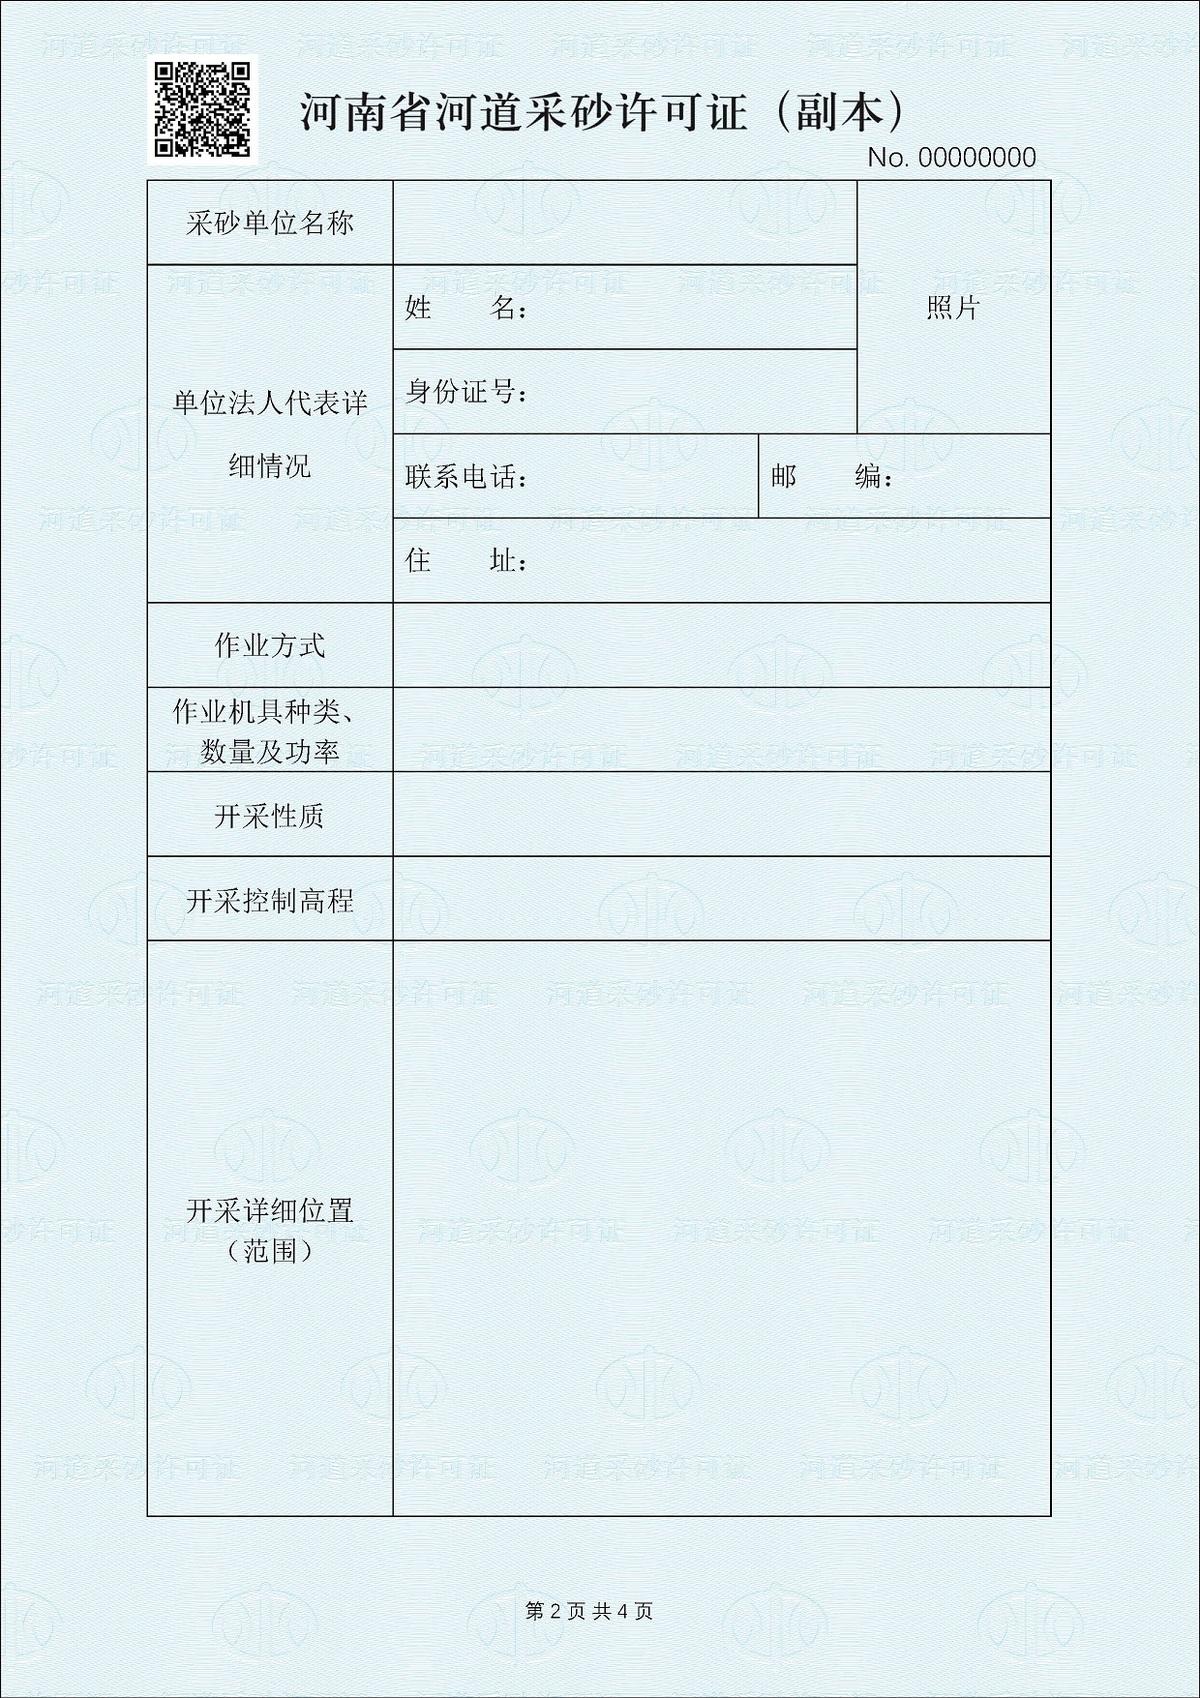 新版河道采砂許可證將于1月1日正式啟用(圖3)